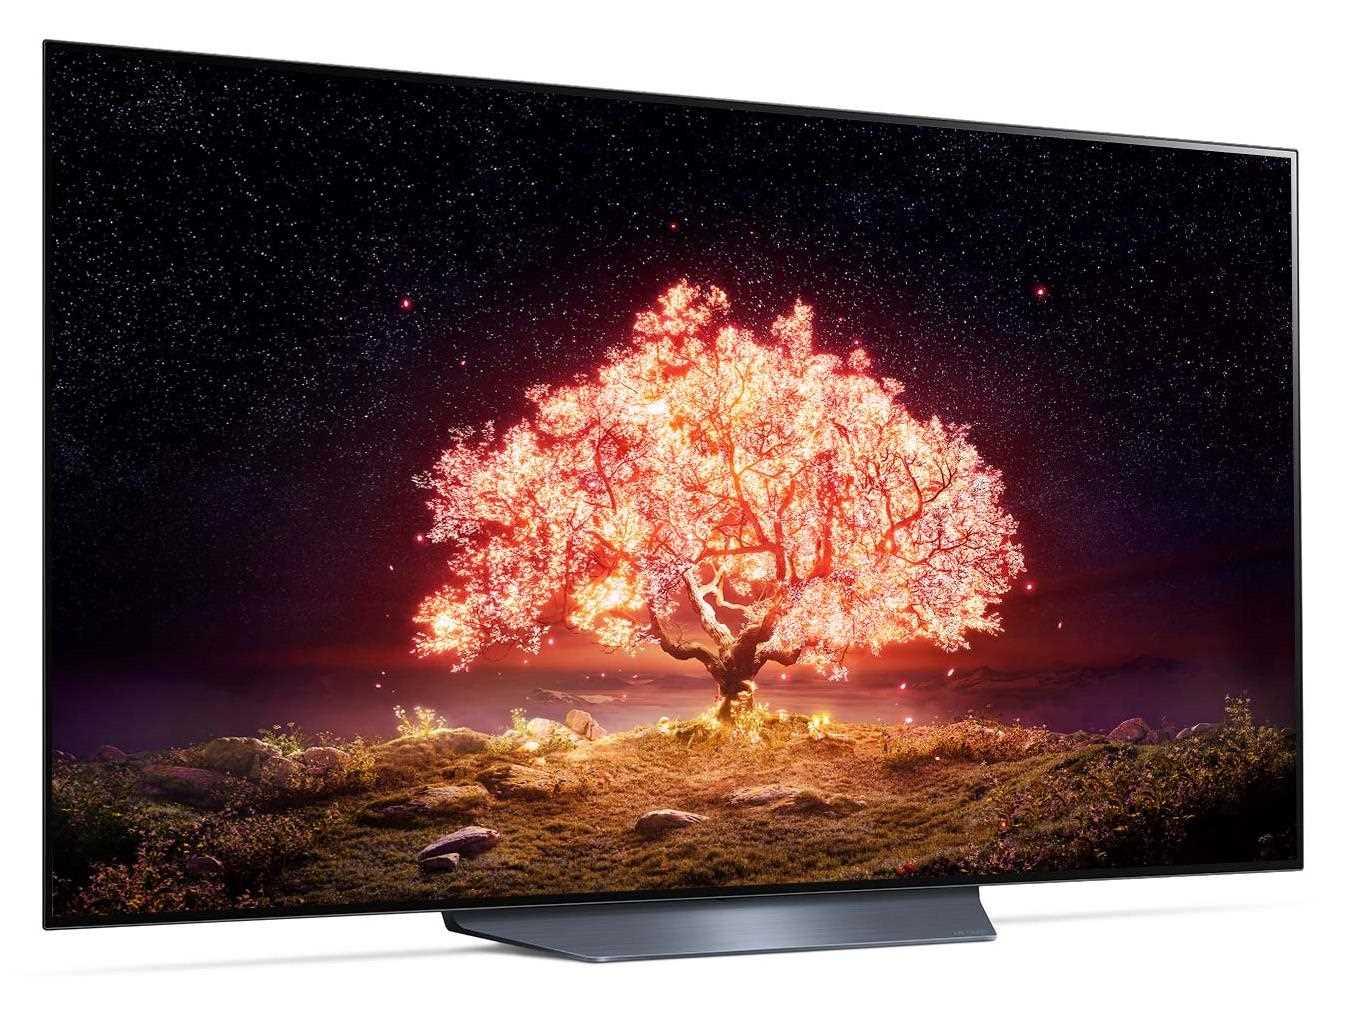 טלוויזיה 77 אינץ' דגם OLED 77B16LA/PVA  בטכנולוגיית LG OLED 4K Ultra HD אל ג'י - תמונה 6